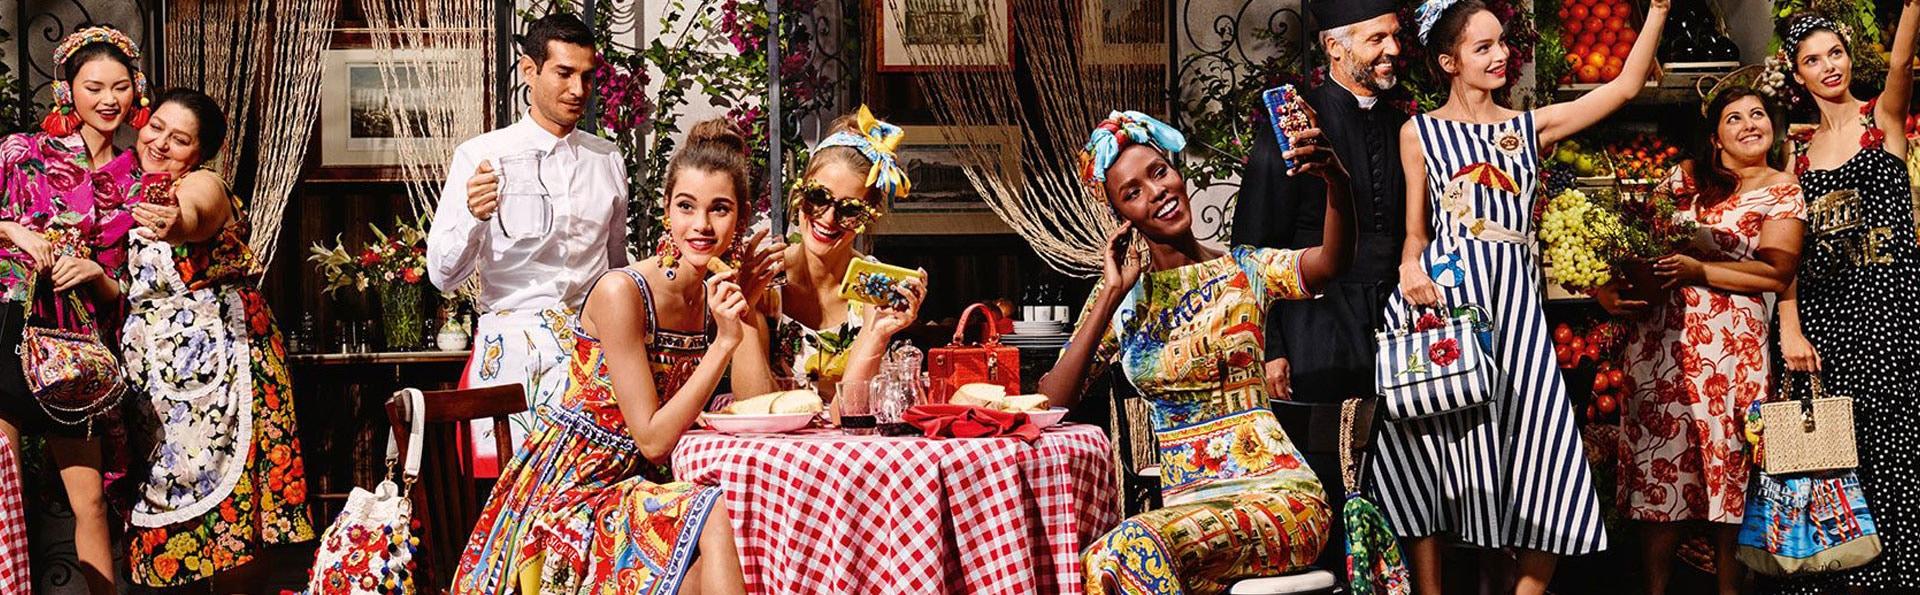 Dolce&Gabbana - Women's and Men's Fashion at Marina Bay Sands